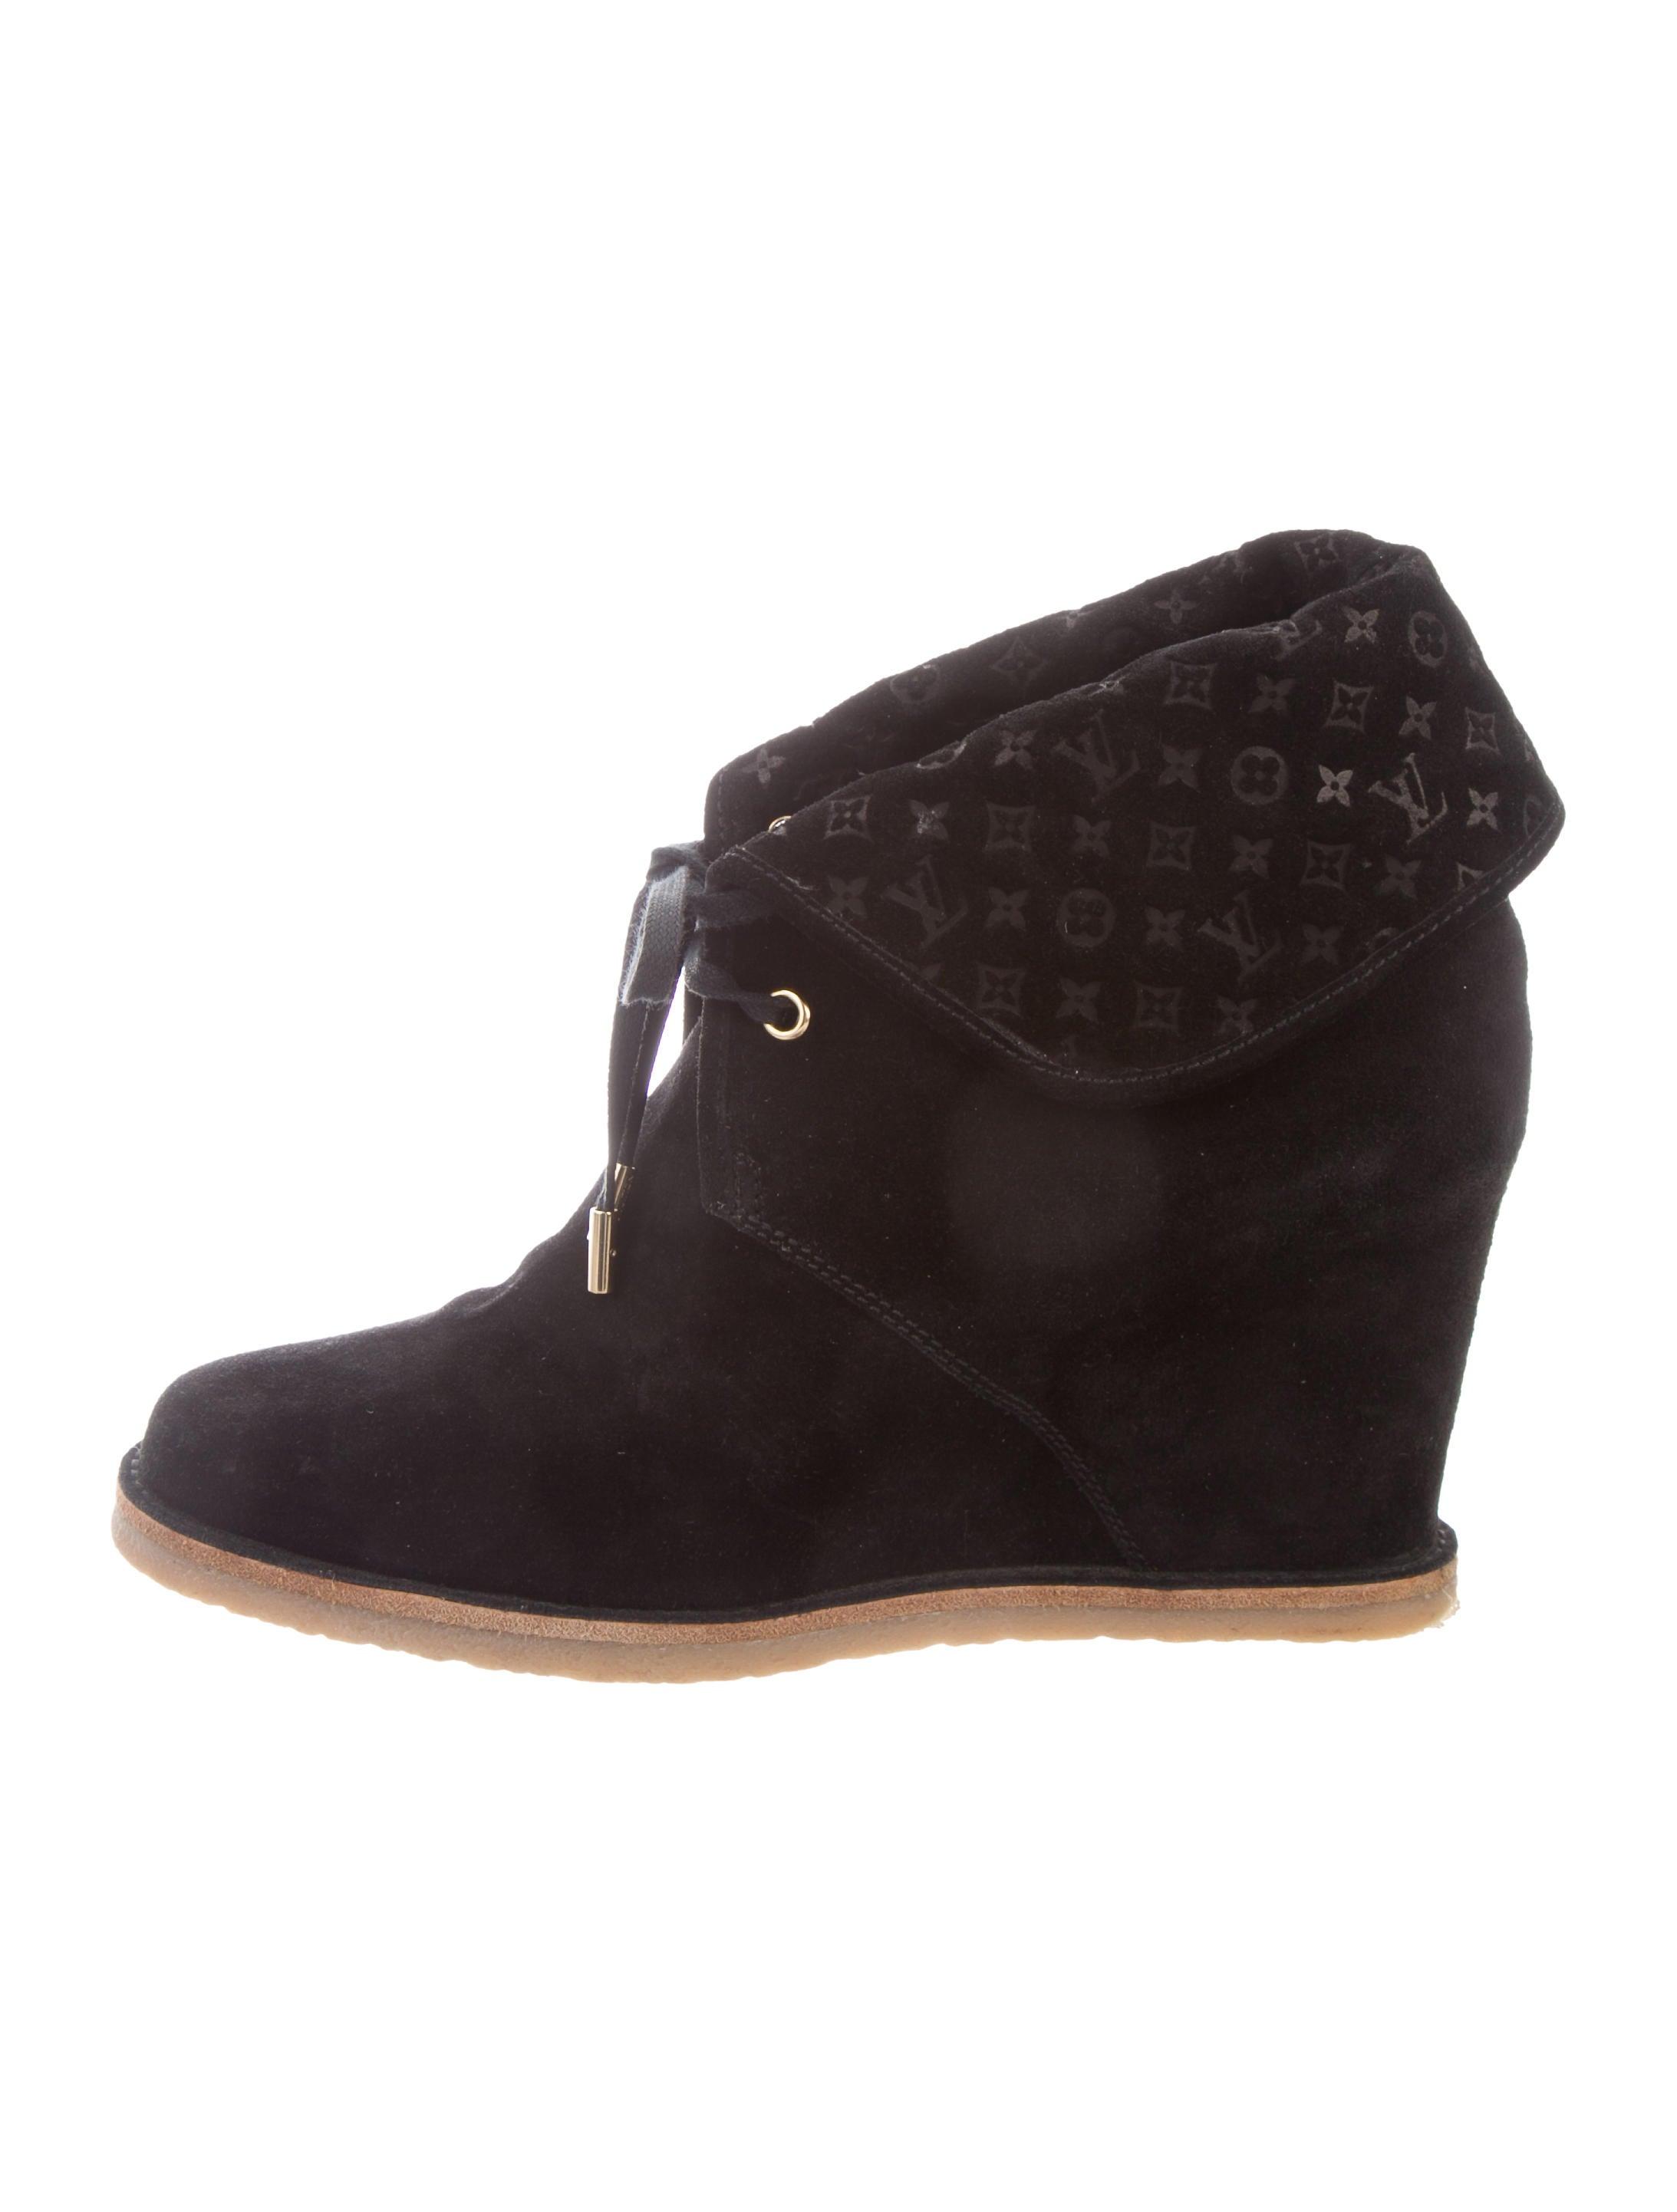 e68750d3fd2c Louis Vuitton Suede Wedge Boots - Shoes - LOU226884